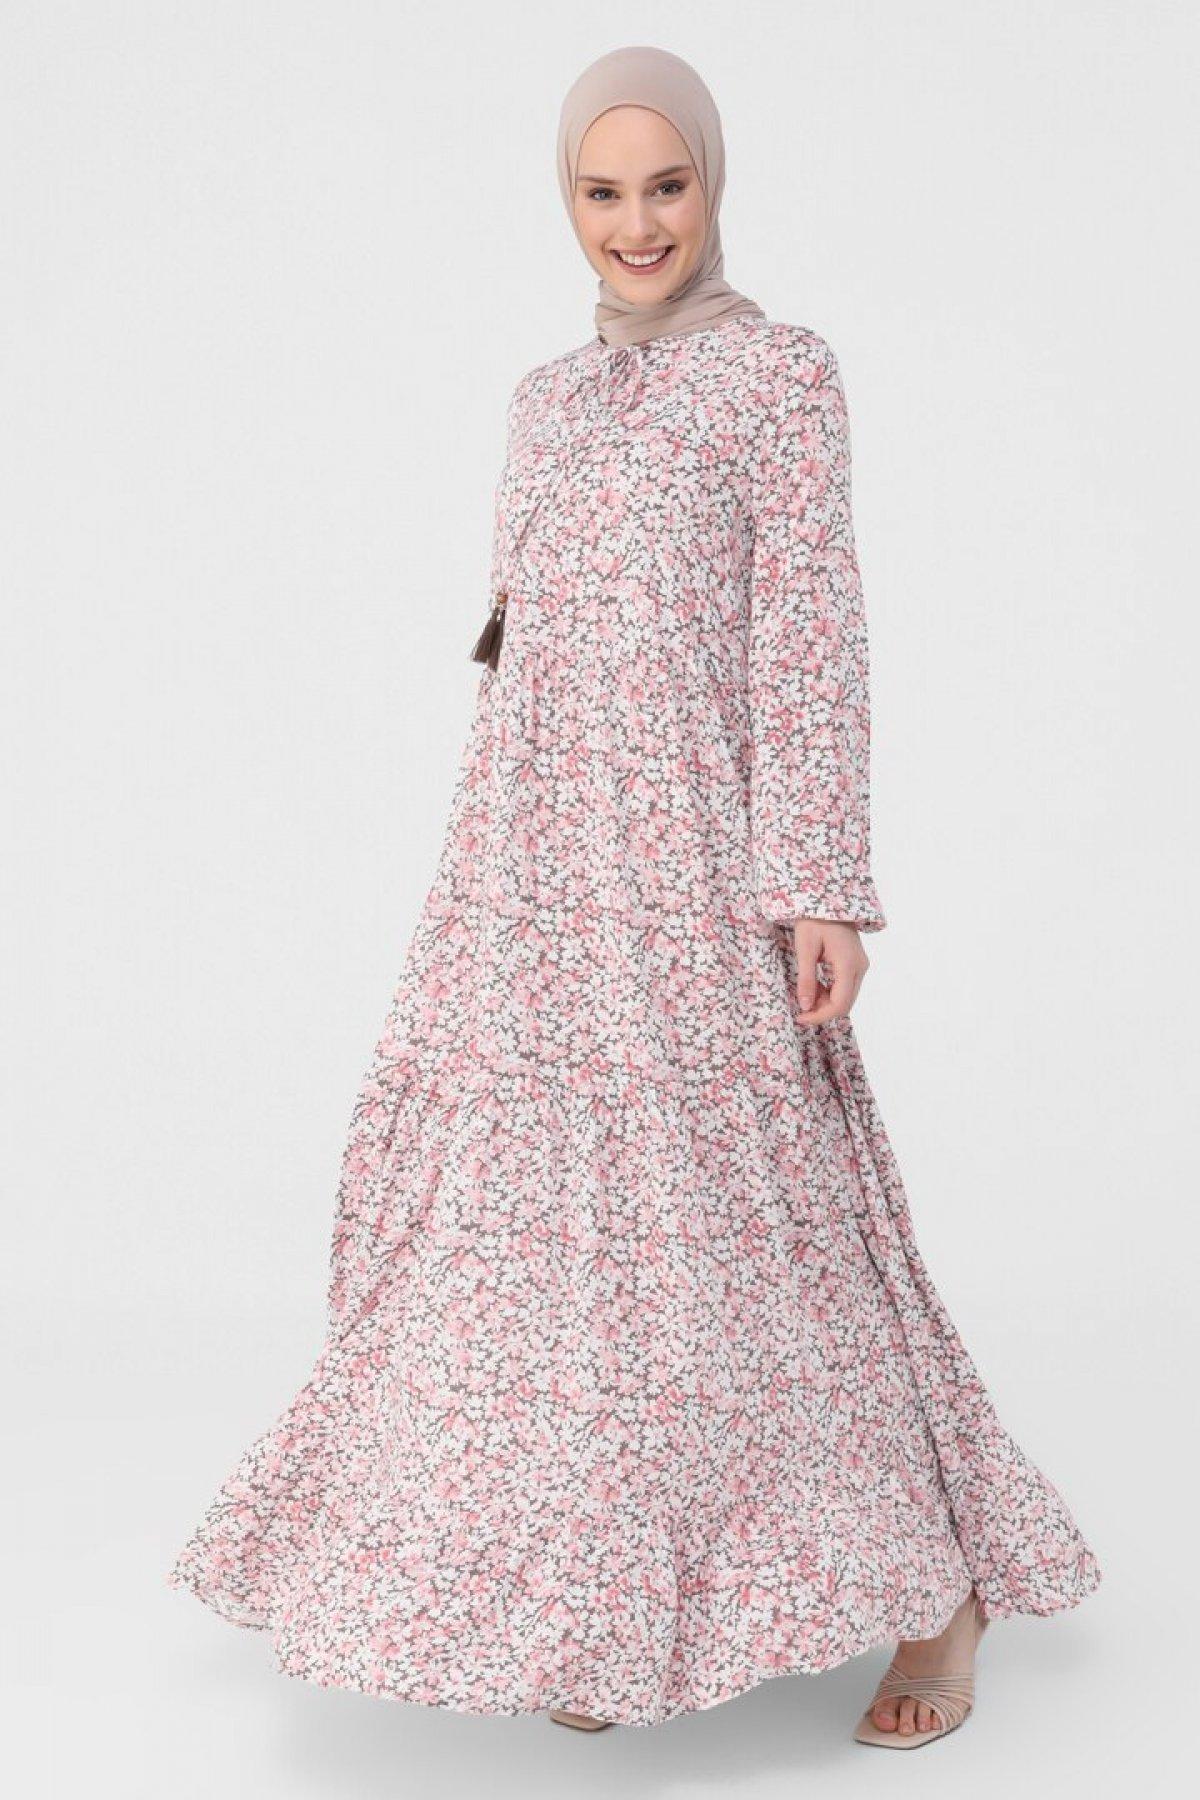 Refka Pembe Yakası Bağcıklı Çiçek Desenli Viskon Elbise